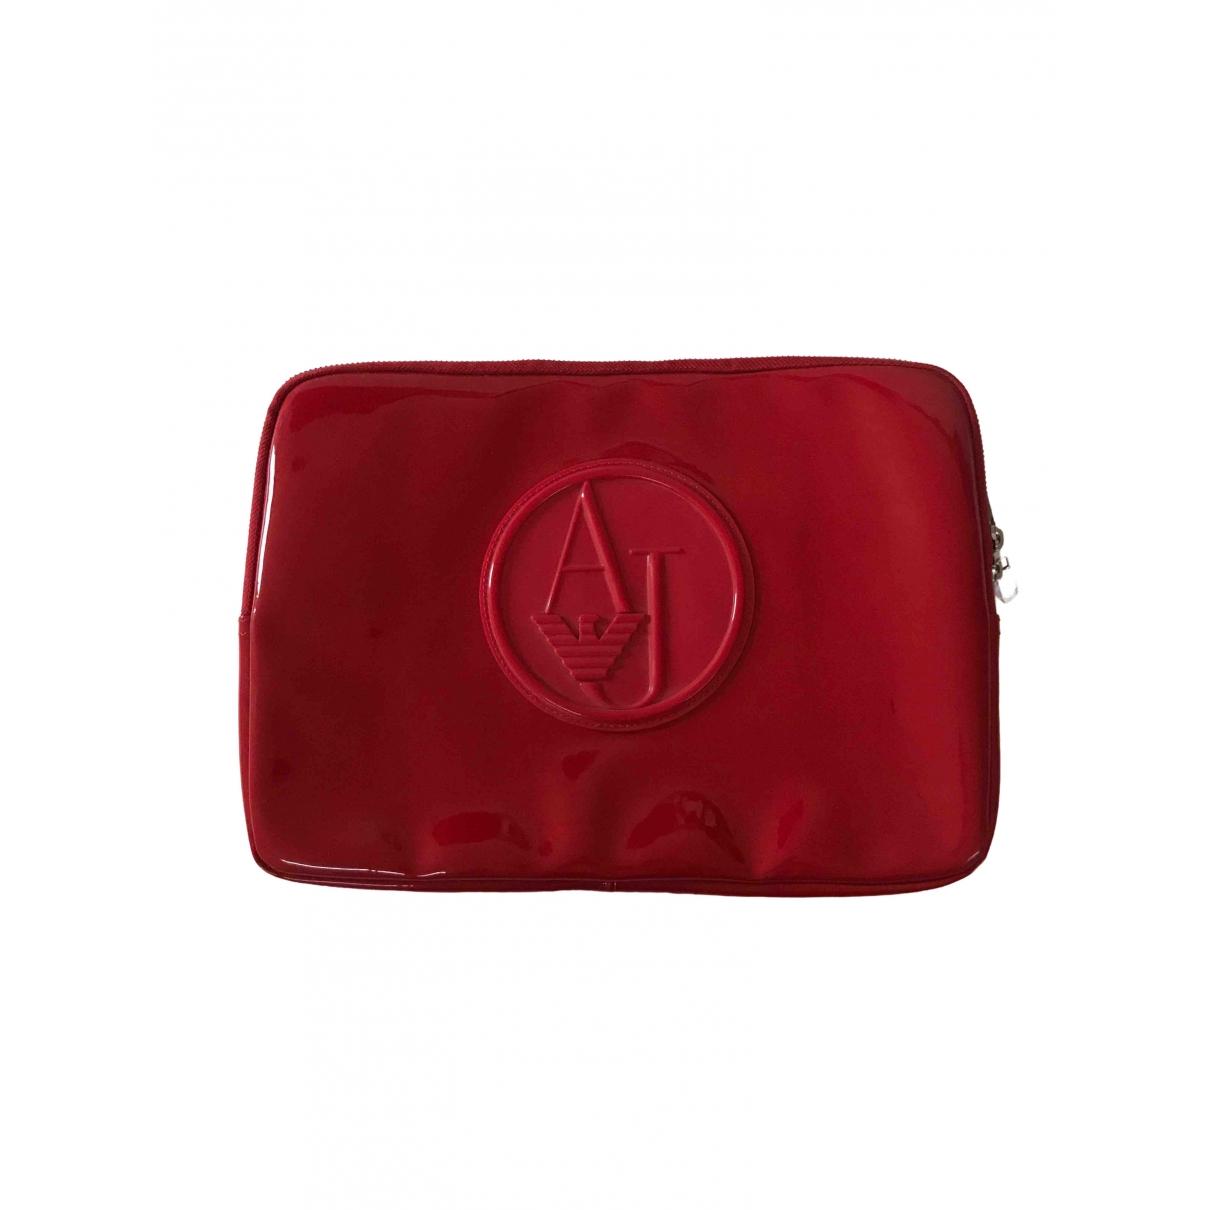 Armani Jean - Accessoires   pour lifestyle - rouge